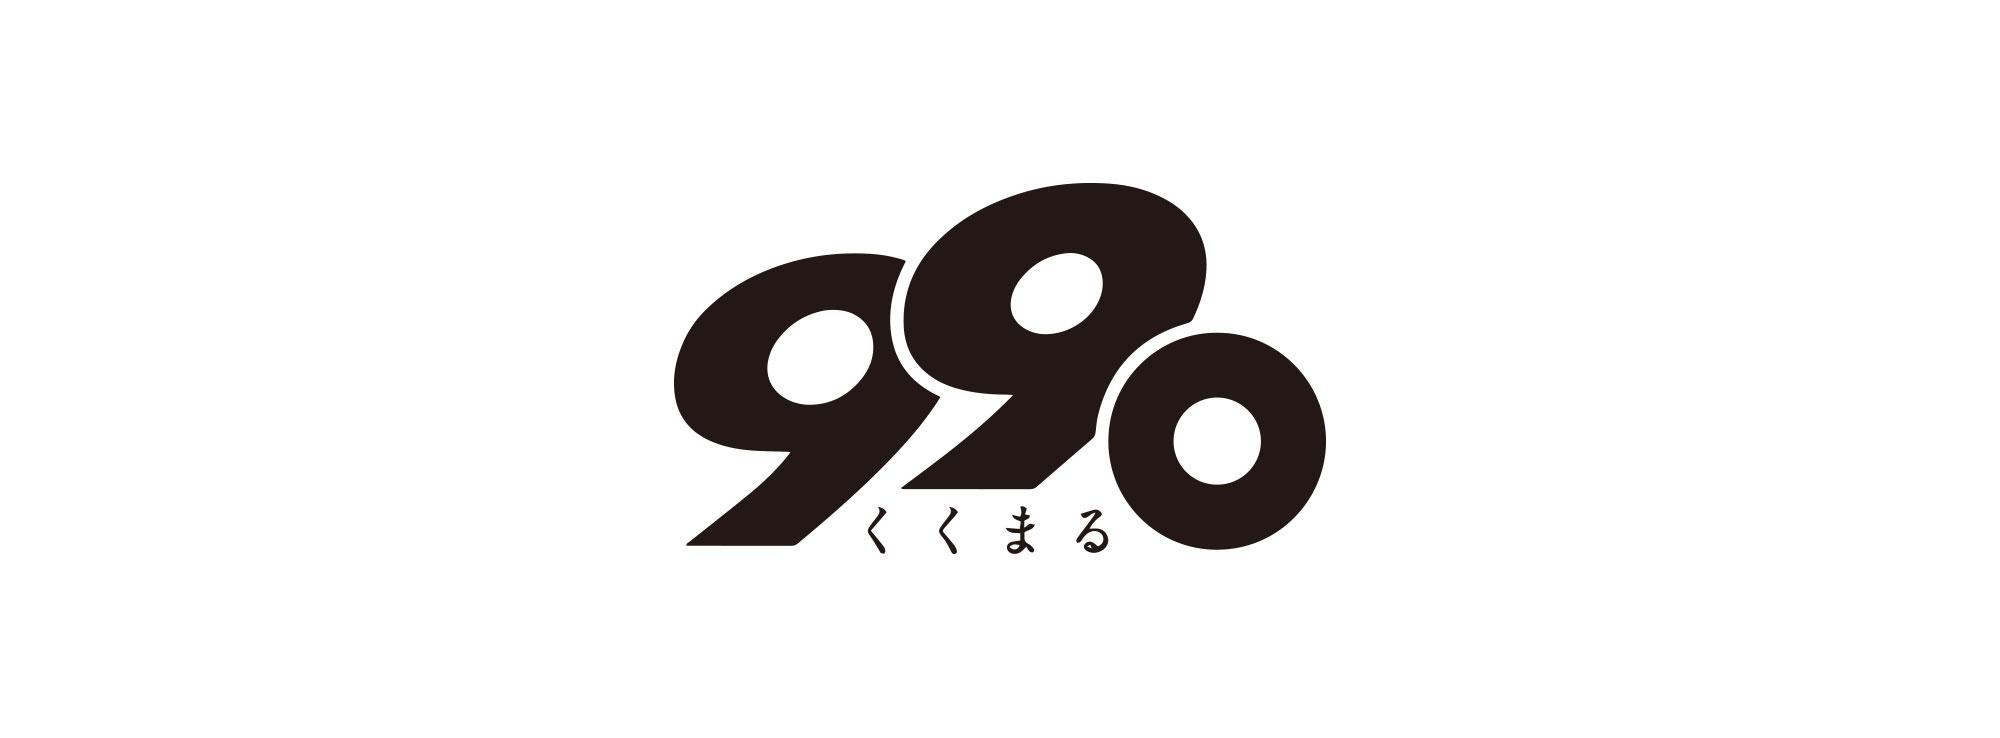 990_logo_whiteblack